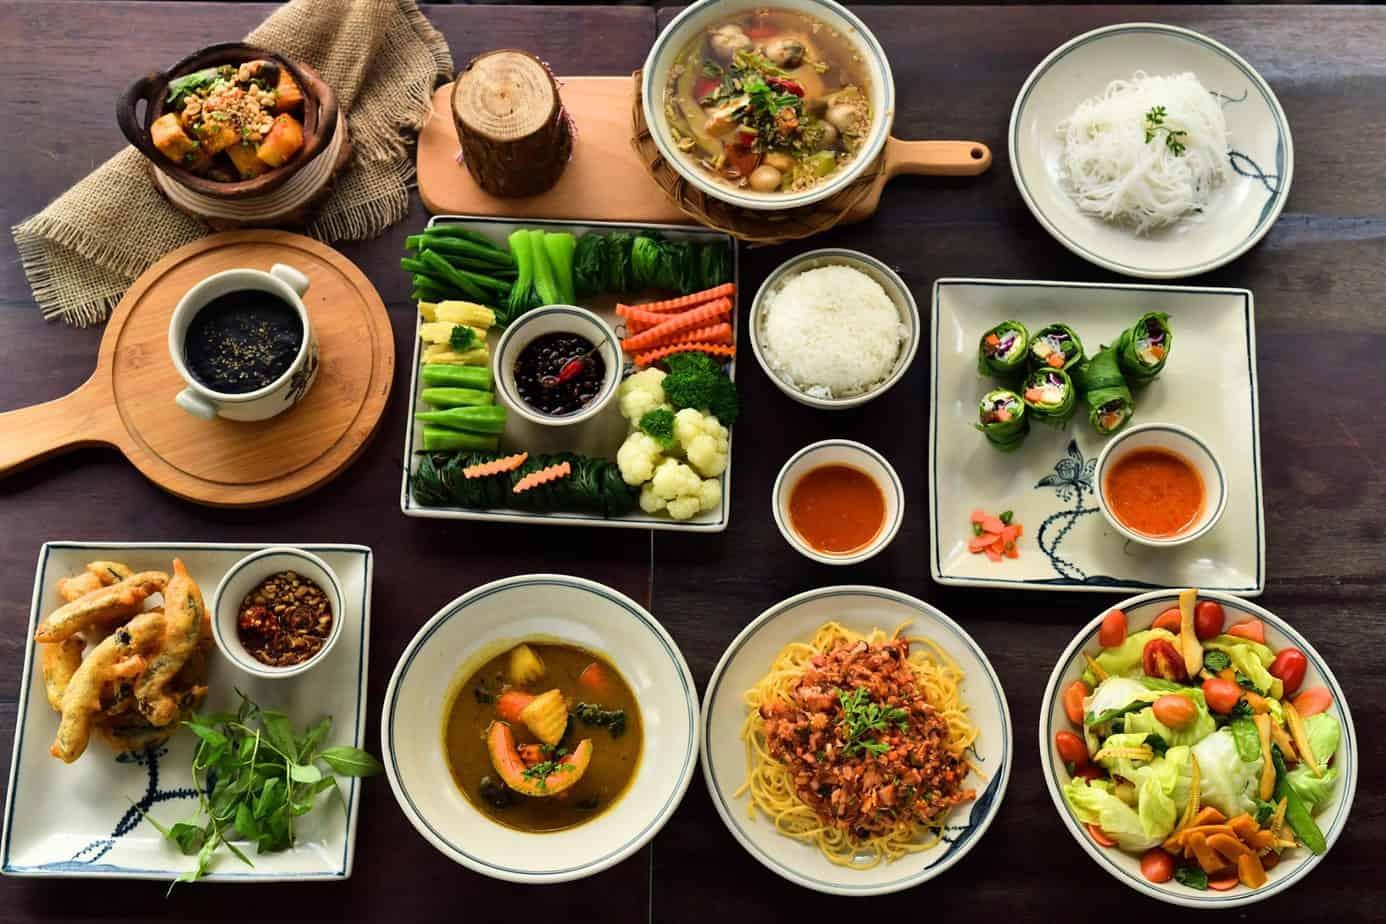 Top 7 Quán Chay Ngon Quận Phú Nhuận - quán chay ngon quận phú nhuận - Quận Phú Nhuận 58